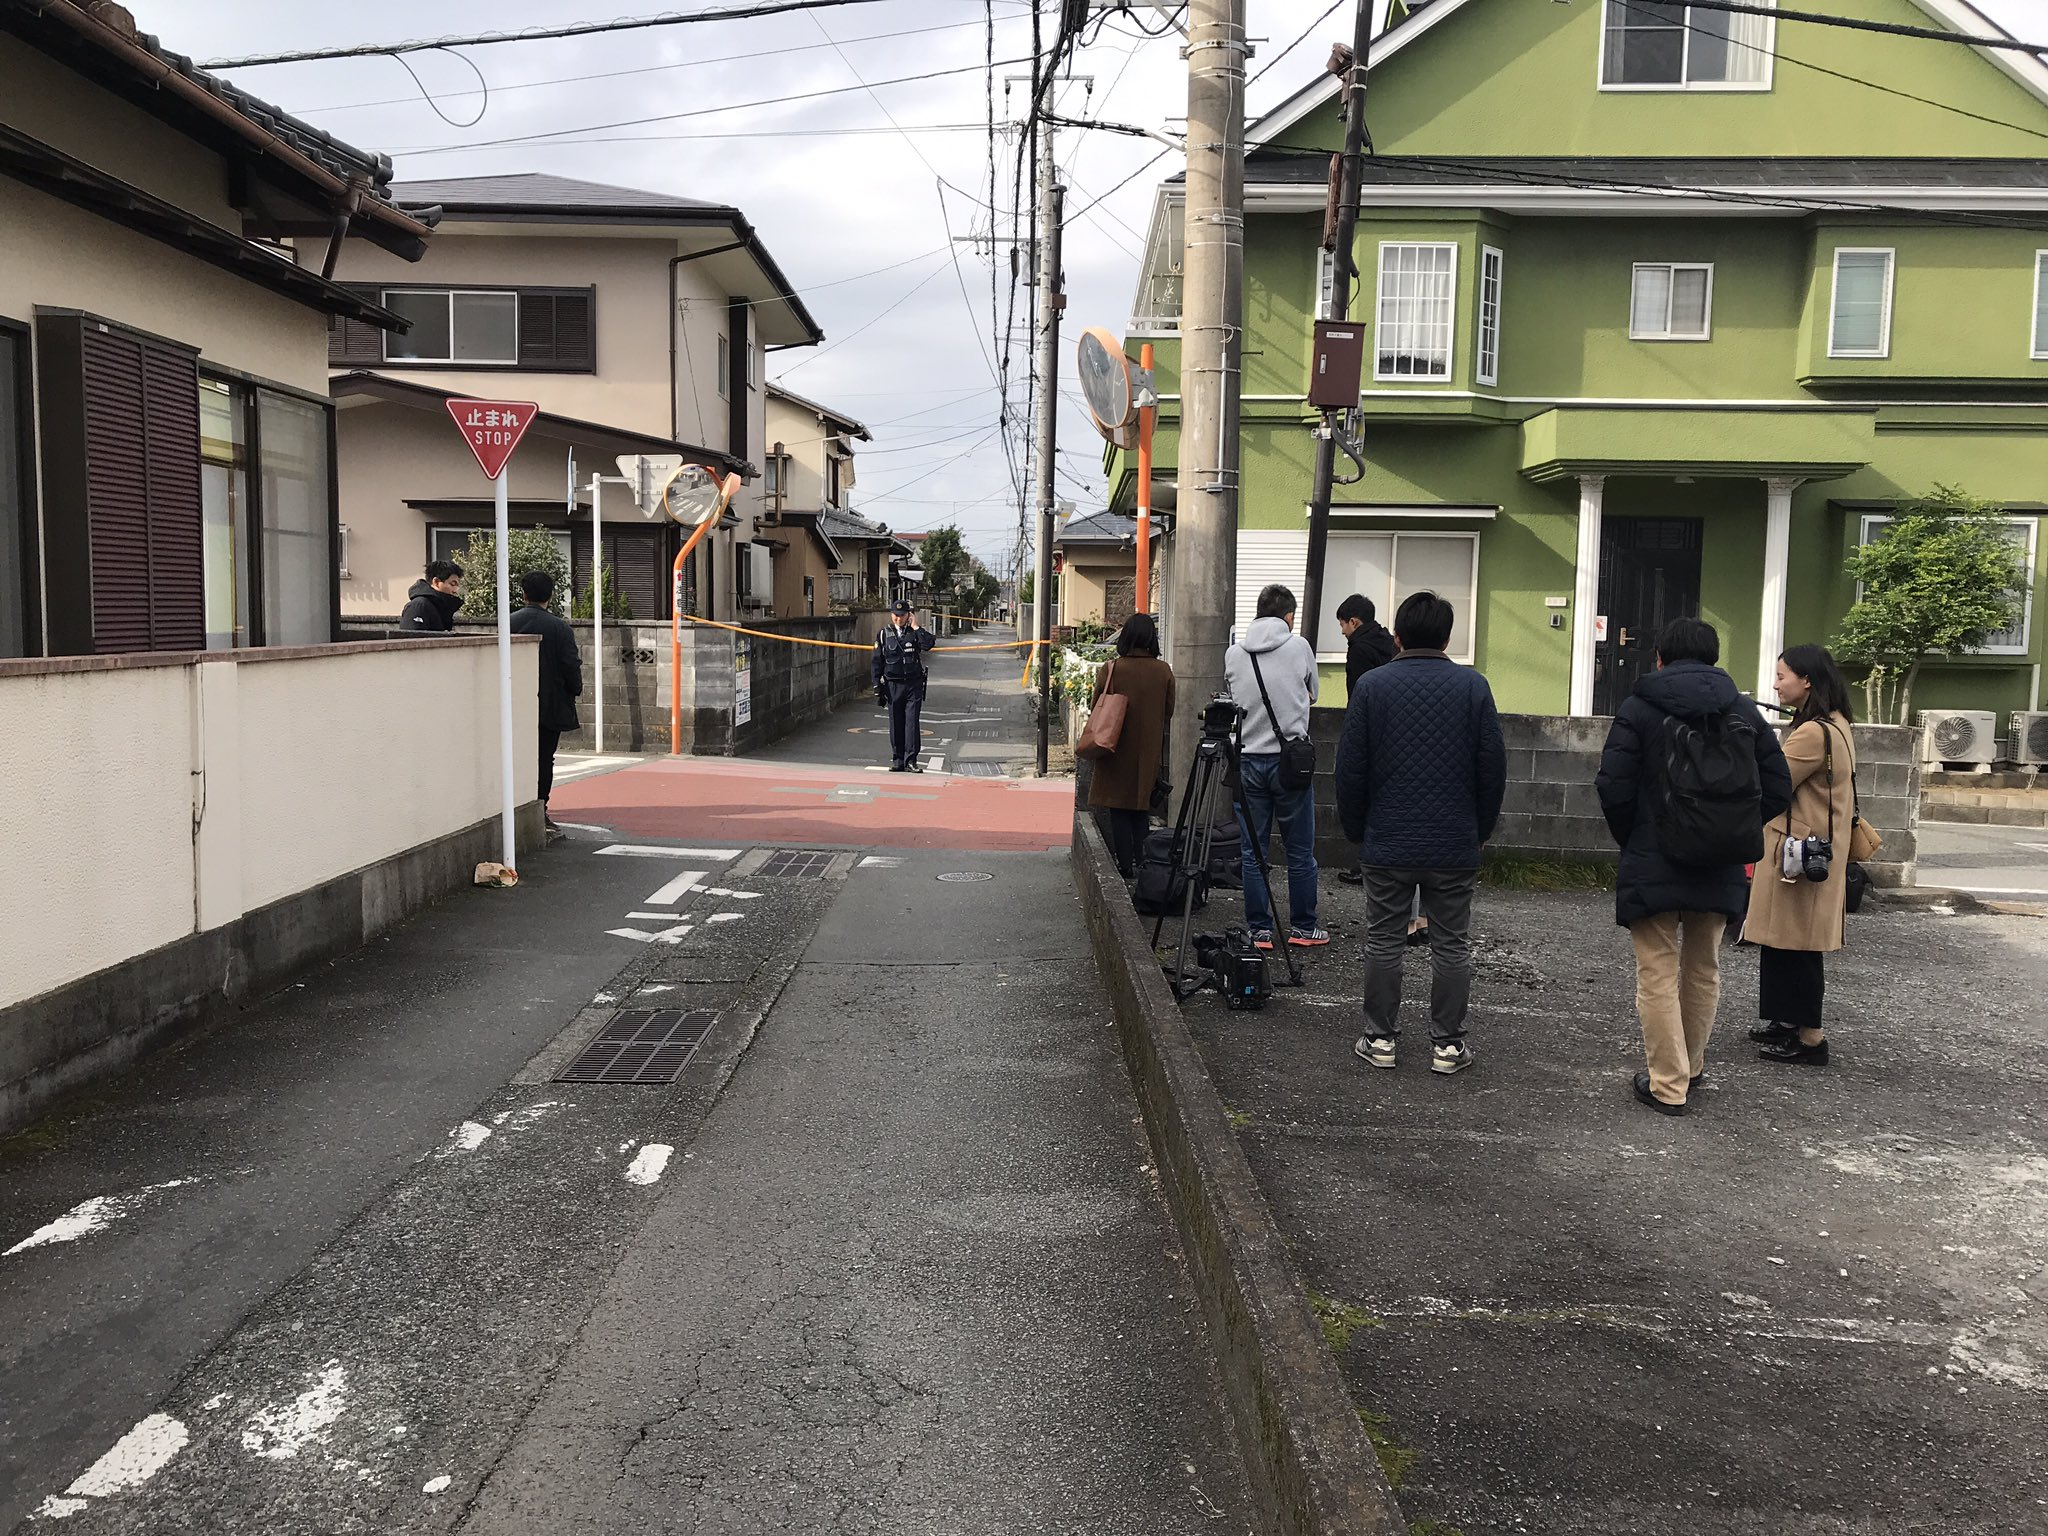 画像,静岡県沼津市原で事件発生。殺人事件?との情報も。 https://t.co/ejiztZcNJS。